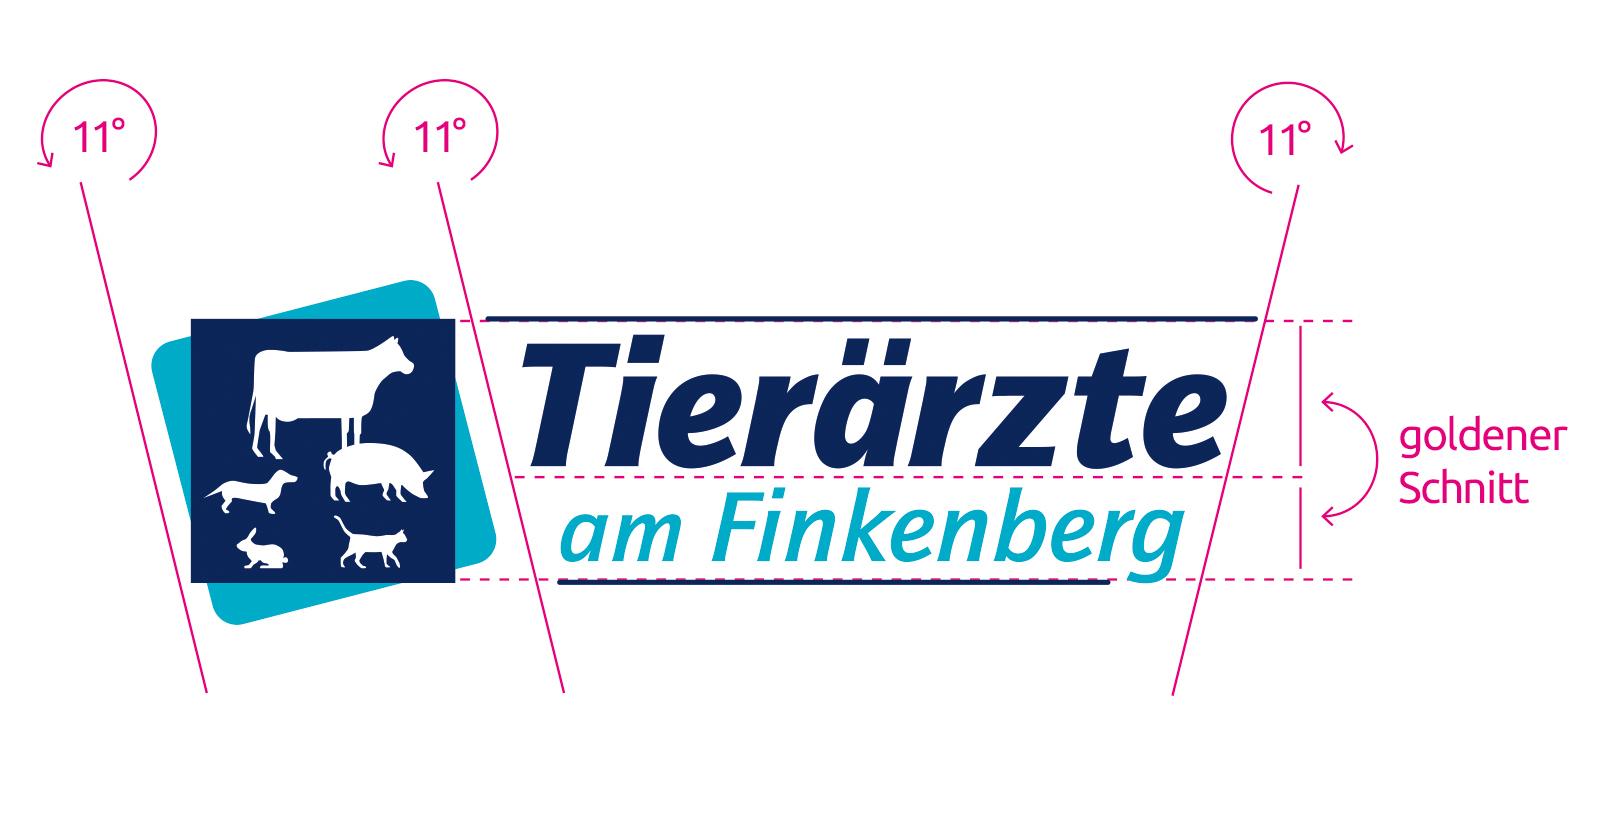 Geschäftsausstattung mit Logo gestalten lassen bei Ihrer Werbeagentur in Verden und Bremen